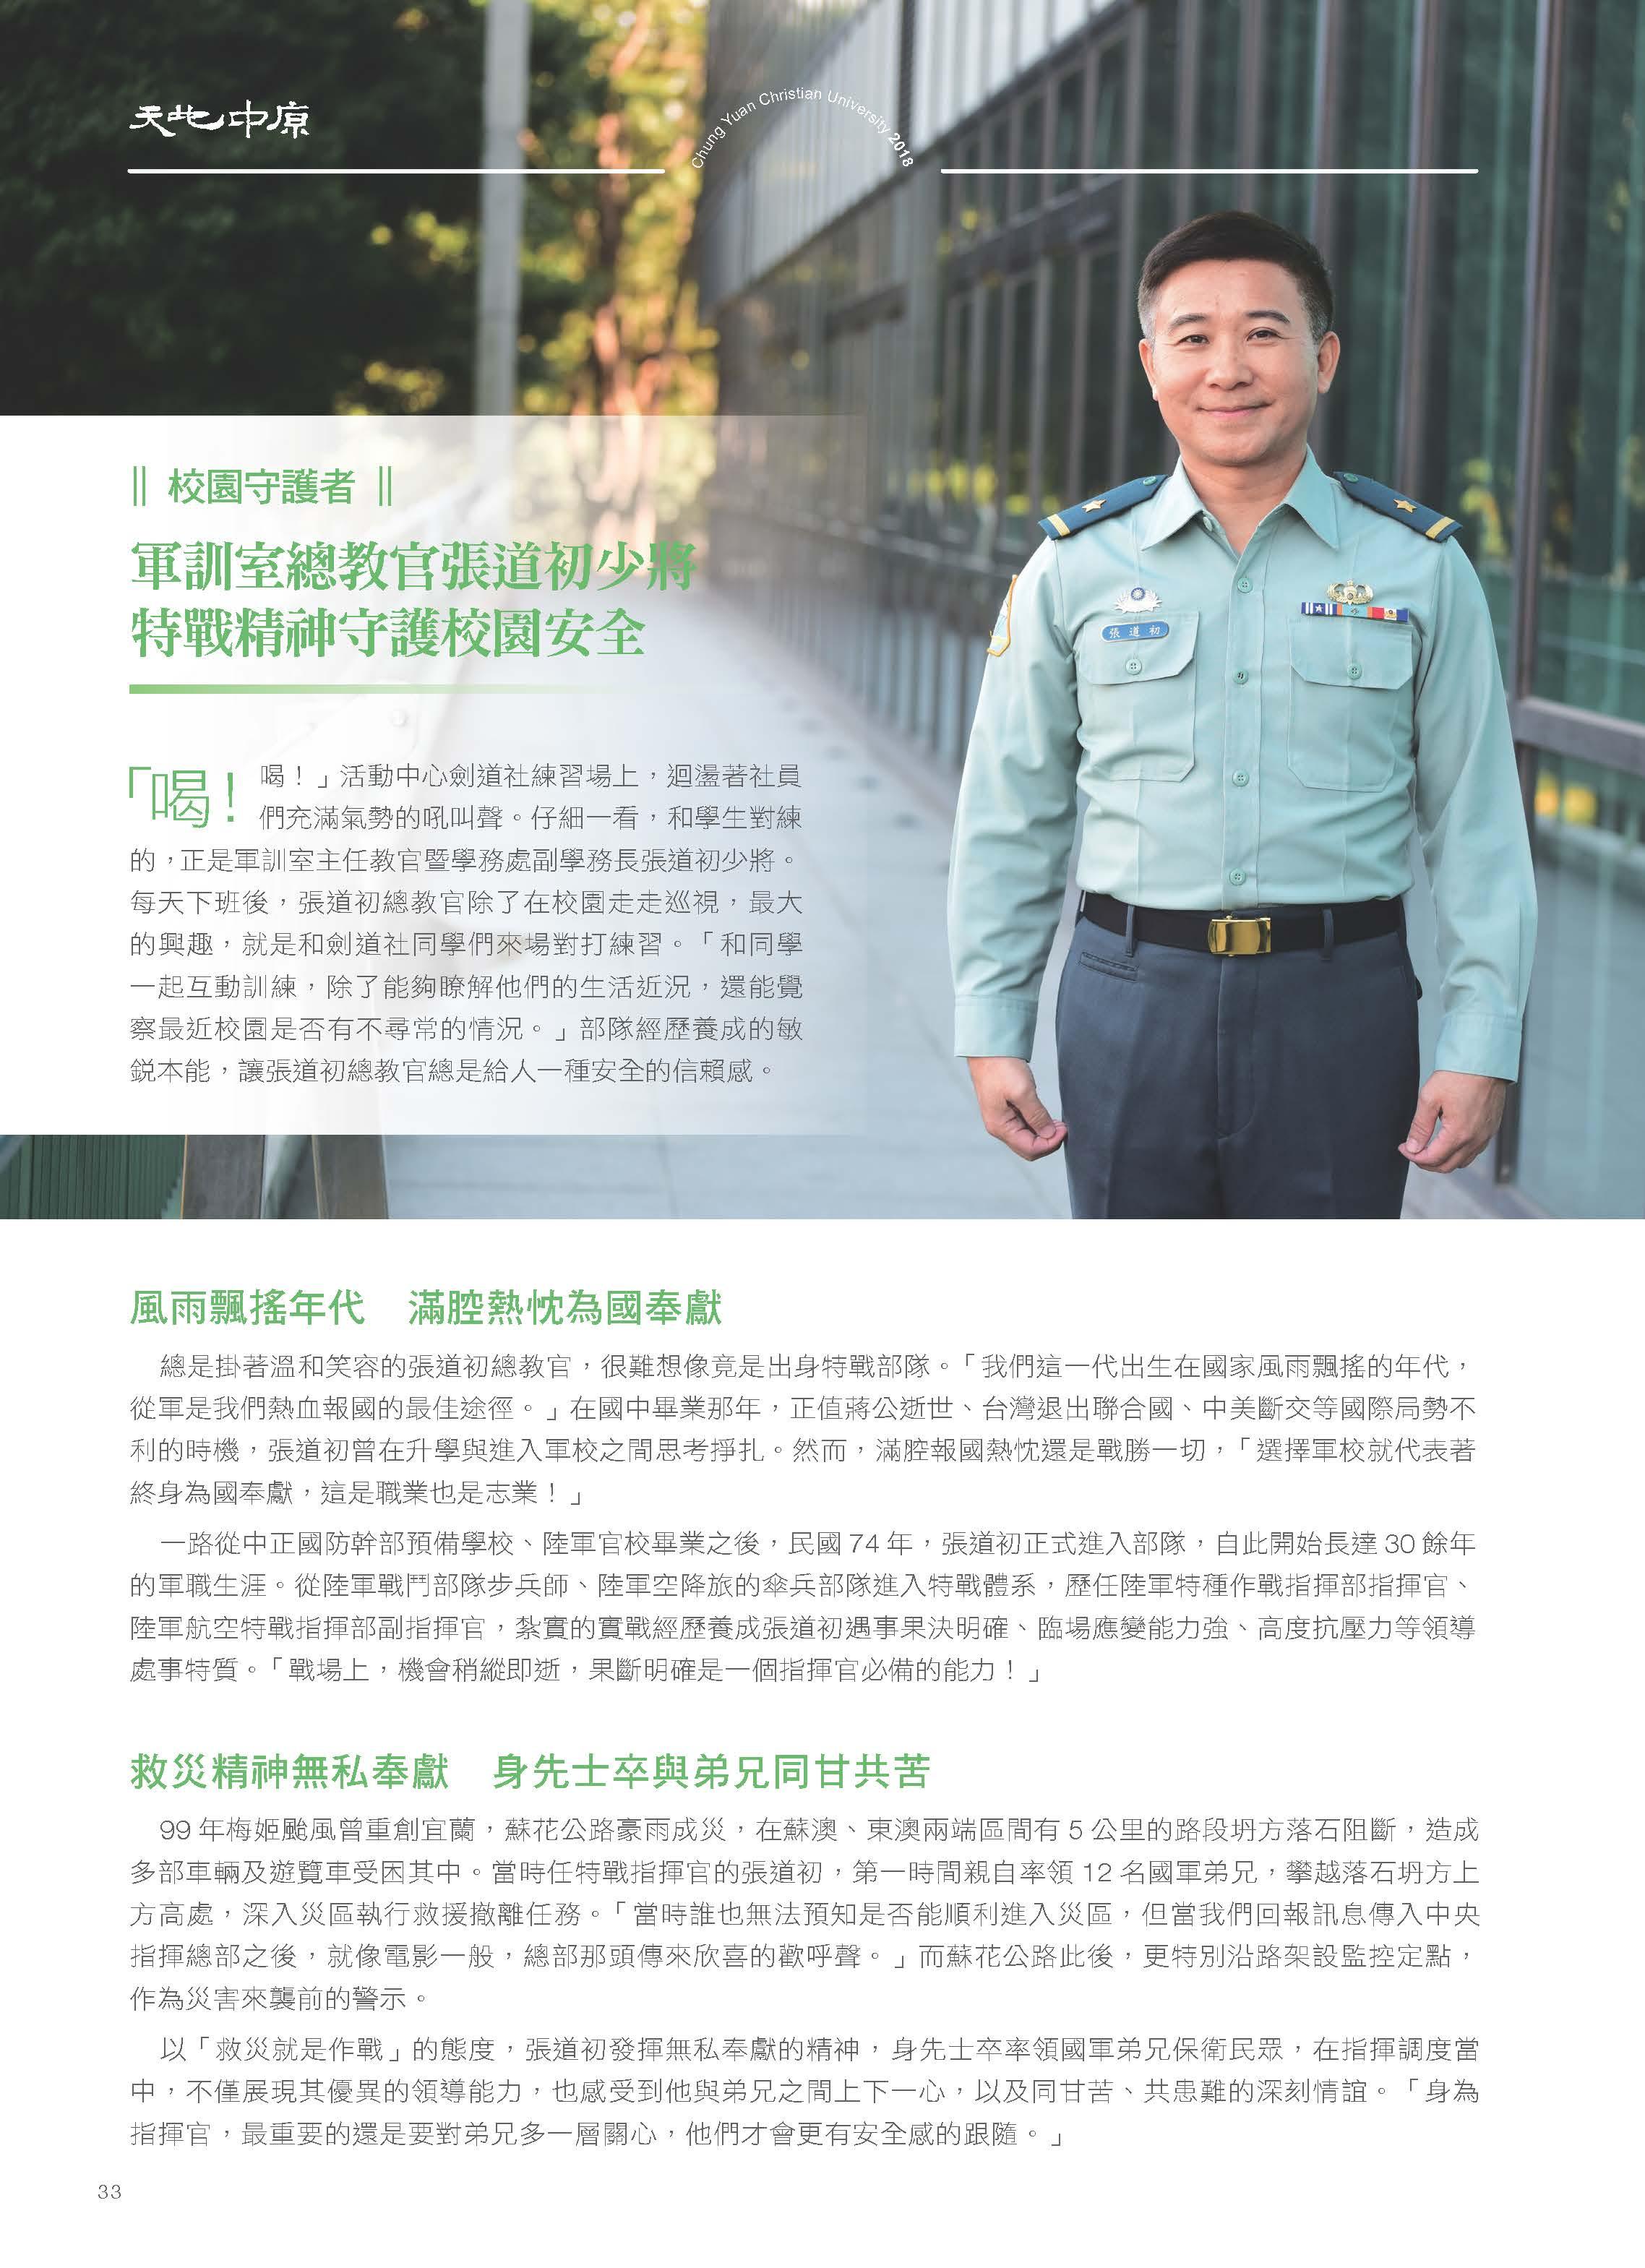 校園守護者─軍訓室總教官張道初少將  特戰精神守護校園安全